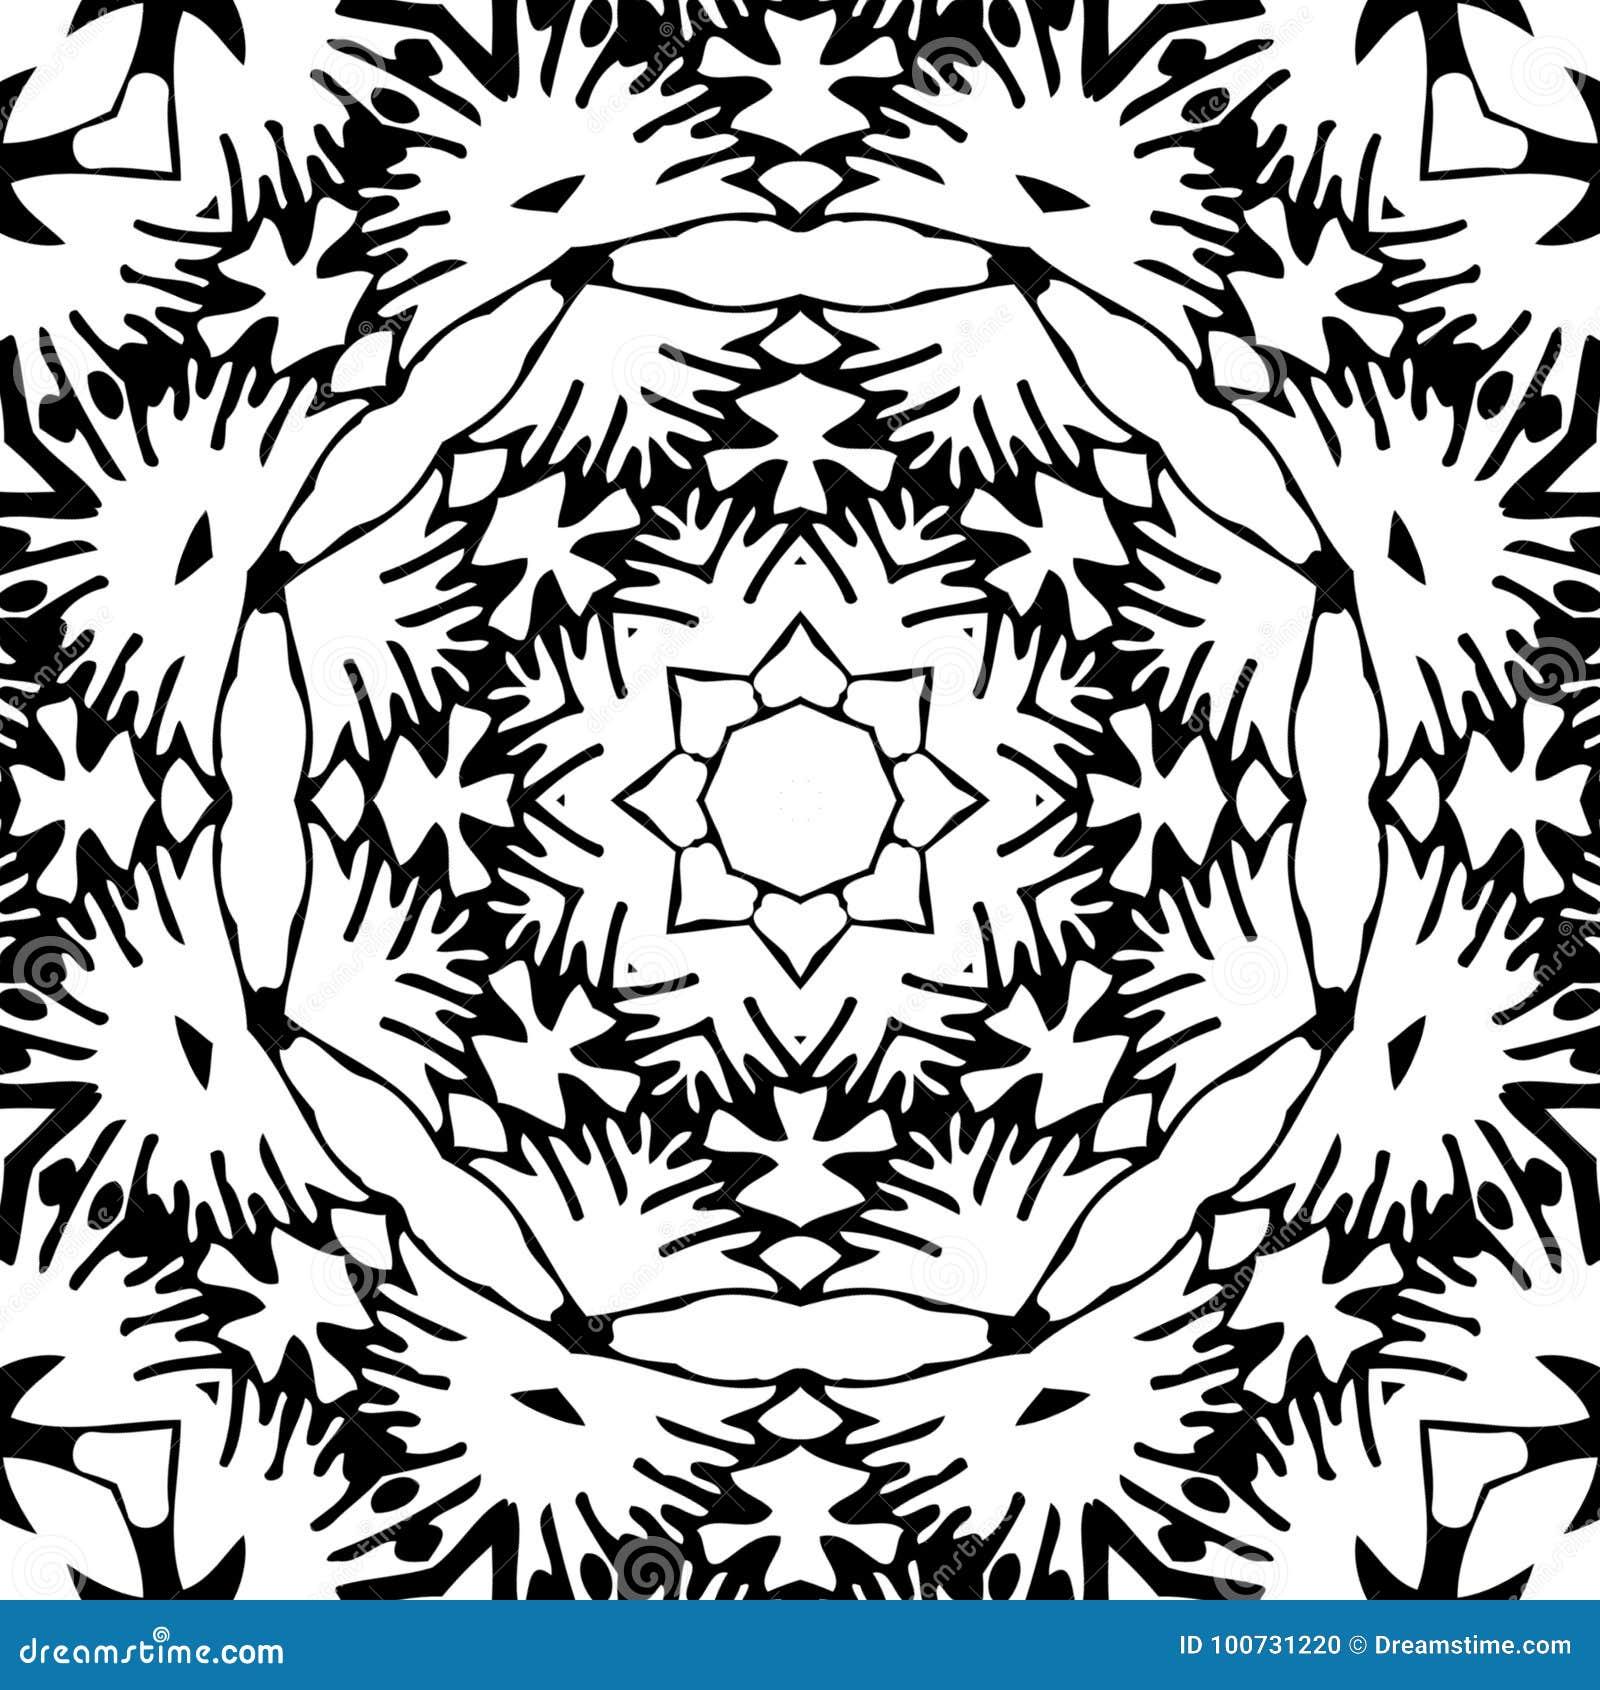 Immagine astratta in bianco e nero del modello